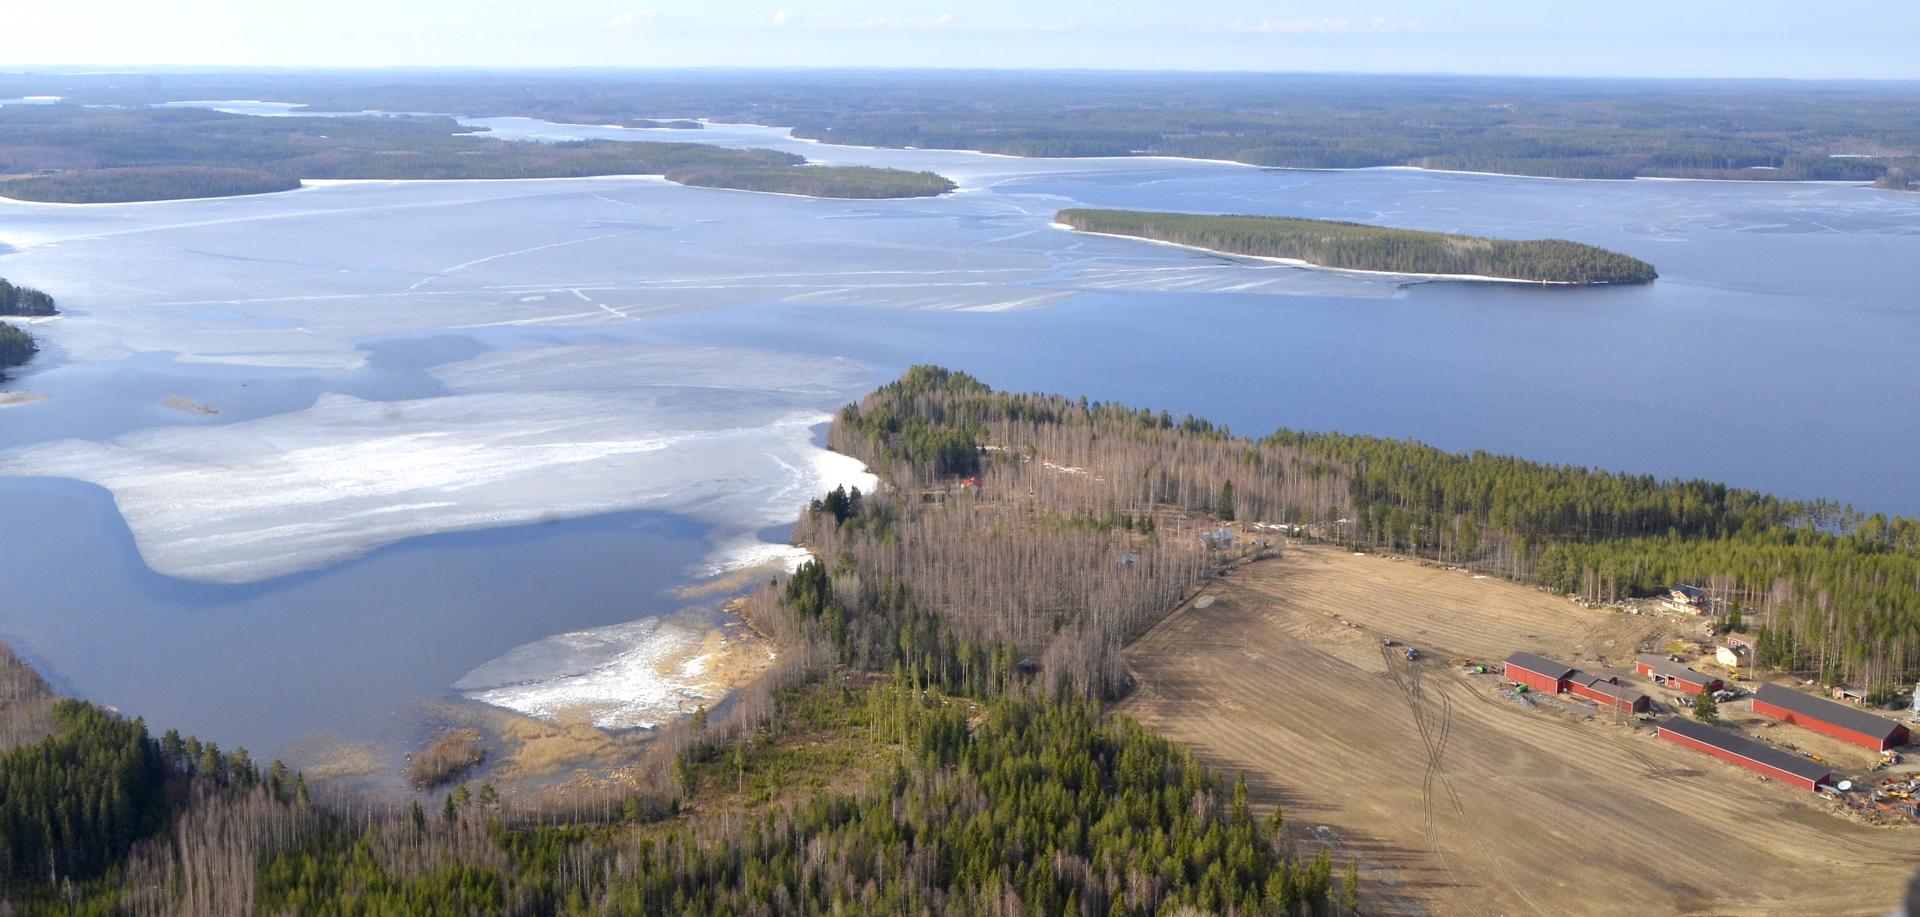 Hoviniemi, saari on Pihkurinsaari. Kuvassa taustalla Hännilänsalmi ja silta.